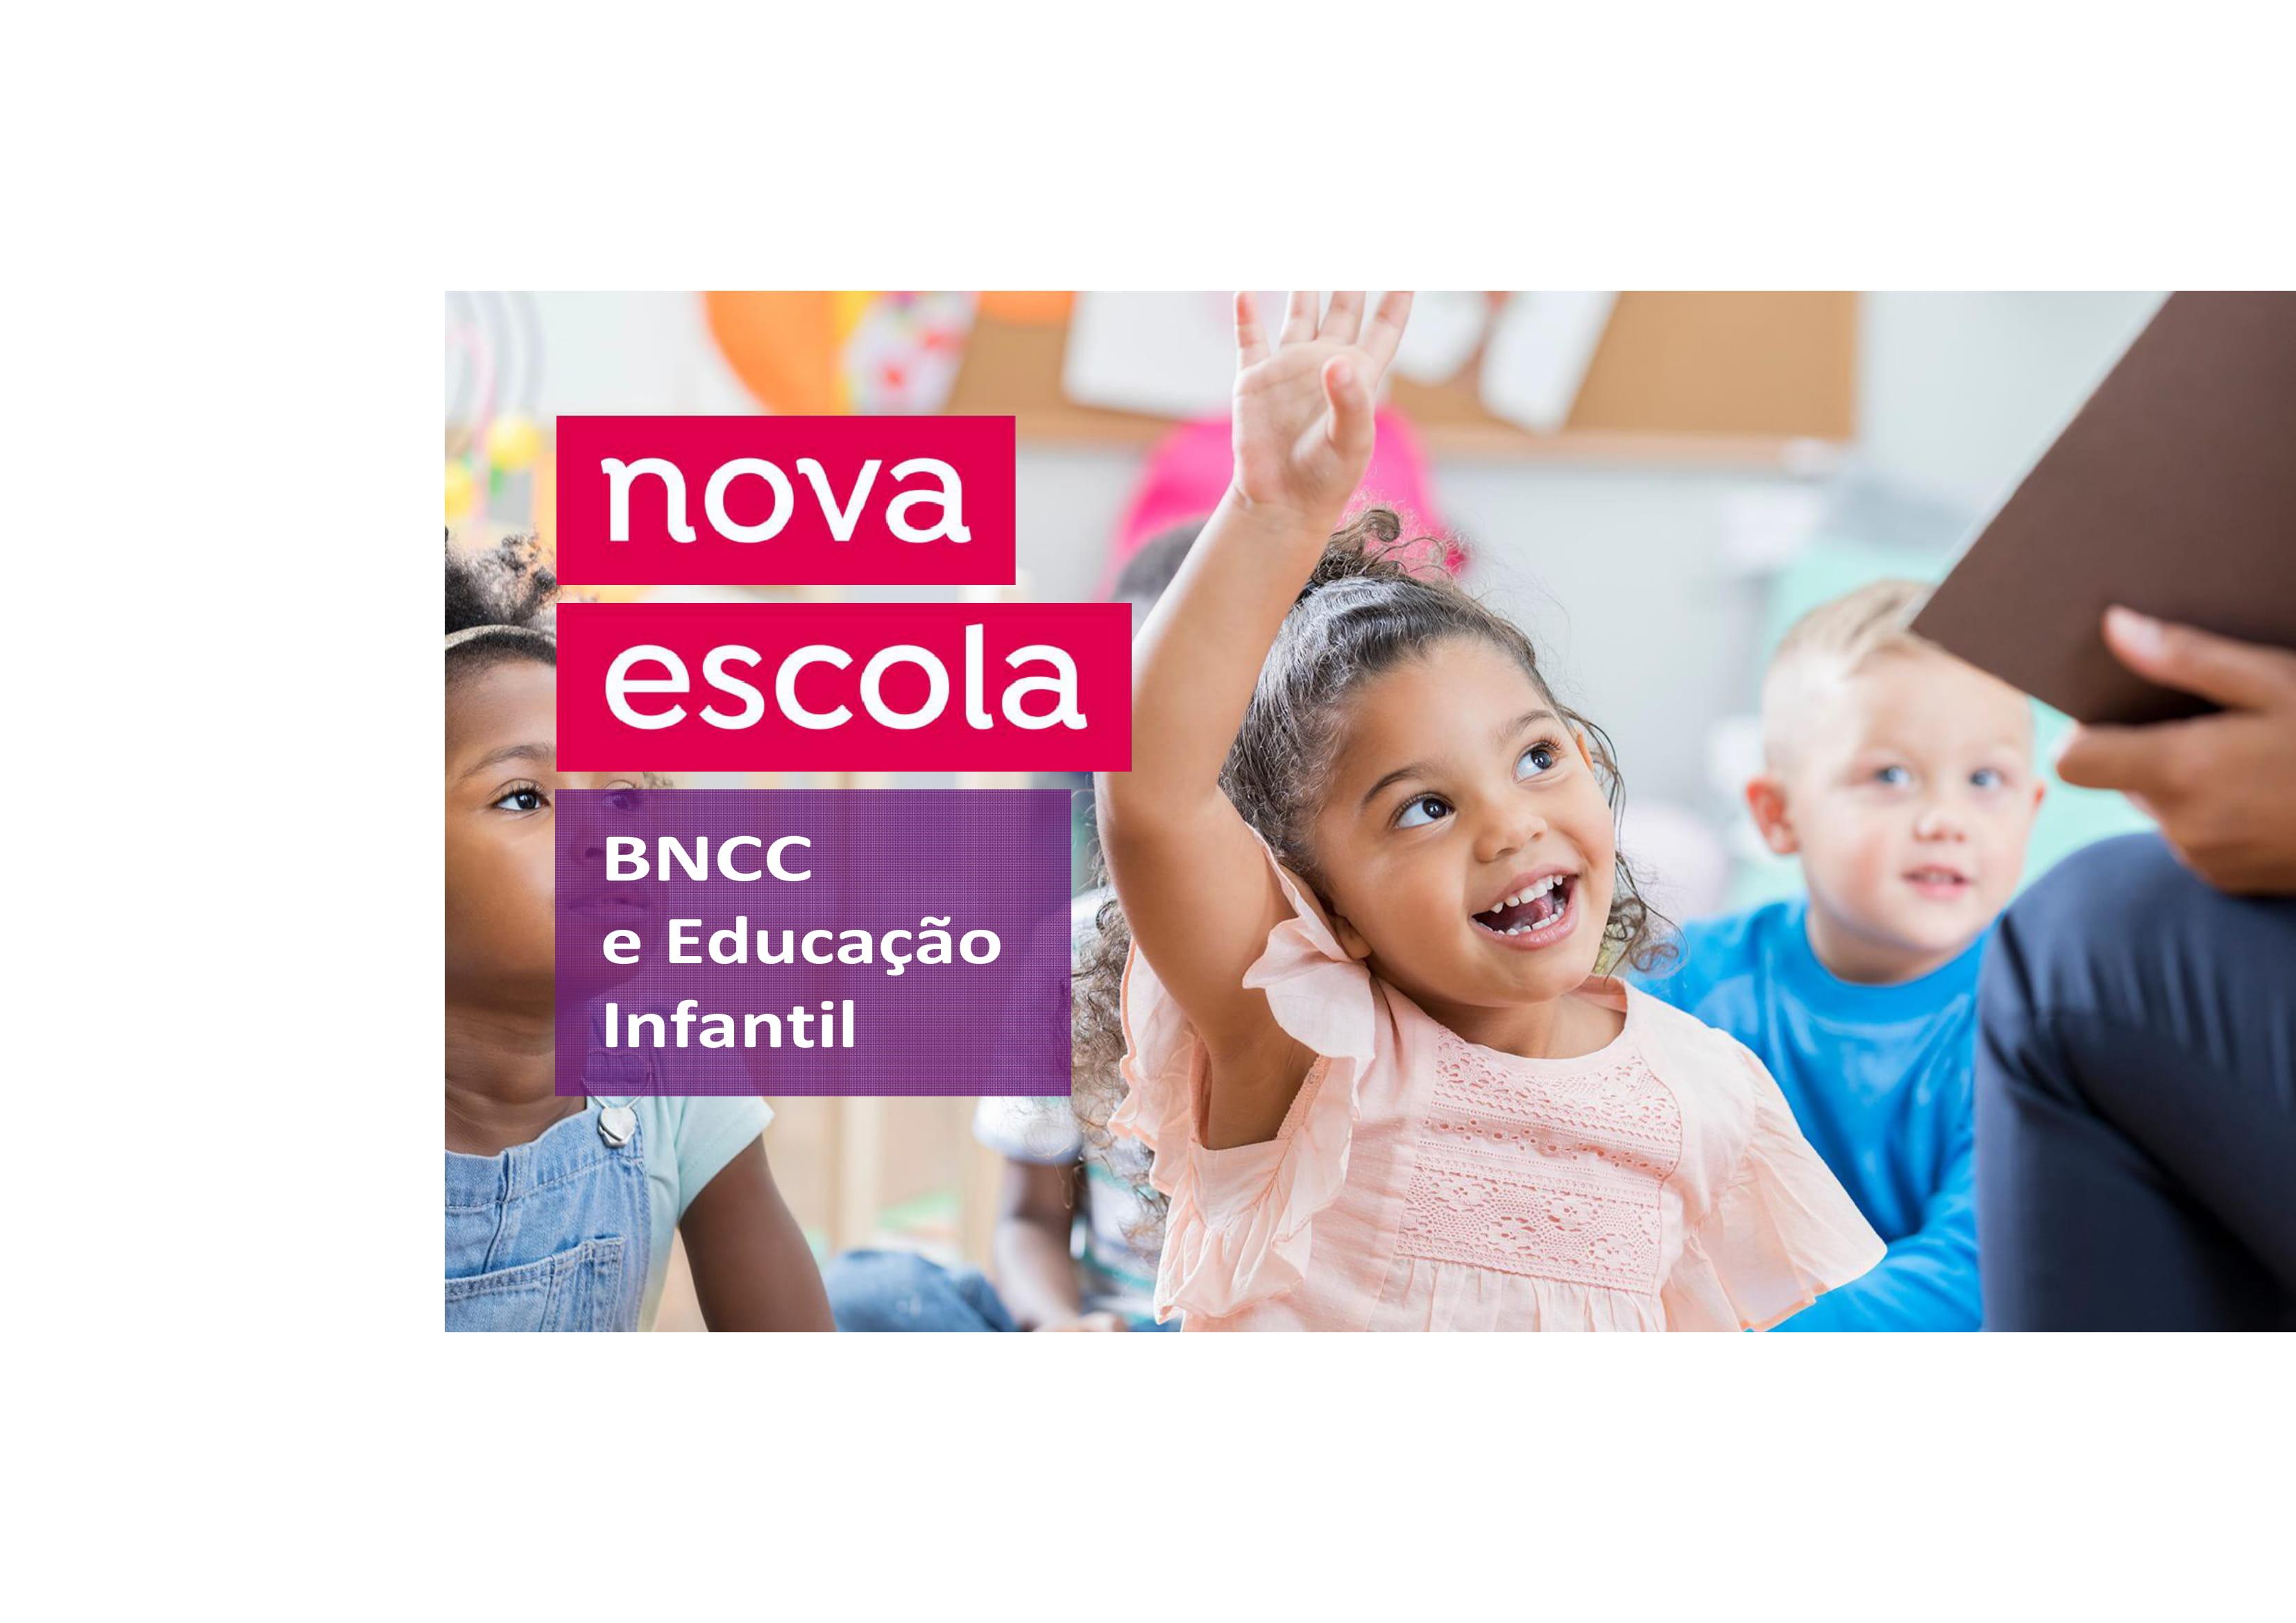 planejamento-educação-infantil-bncc-geral-195